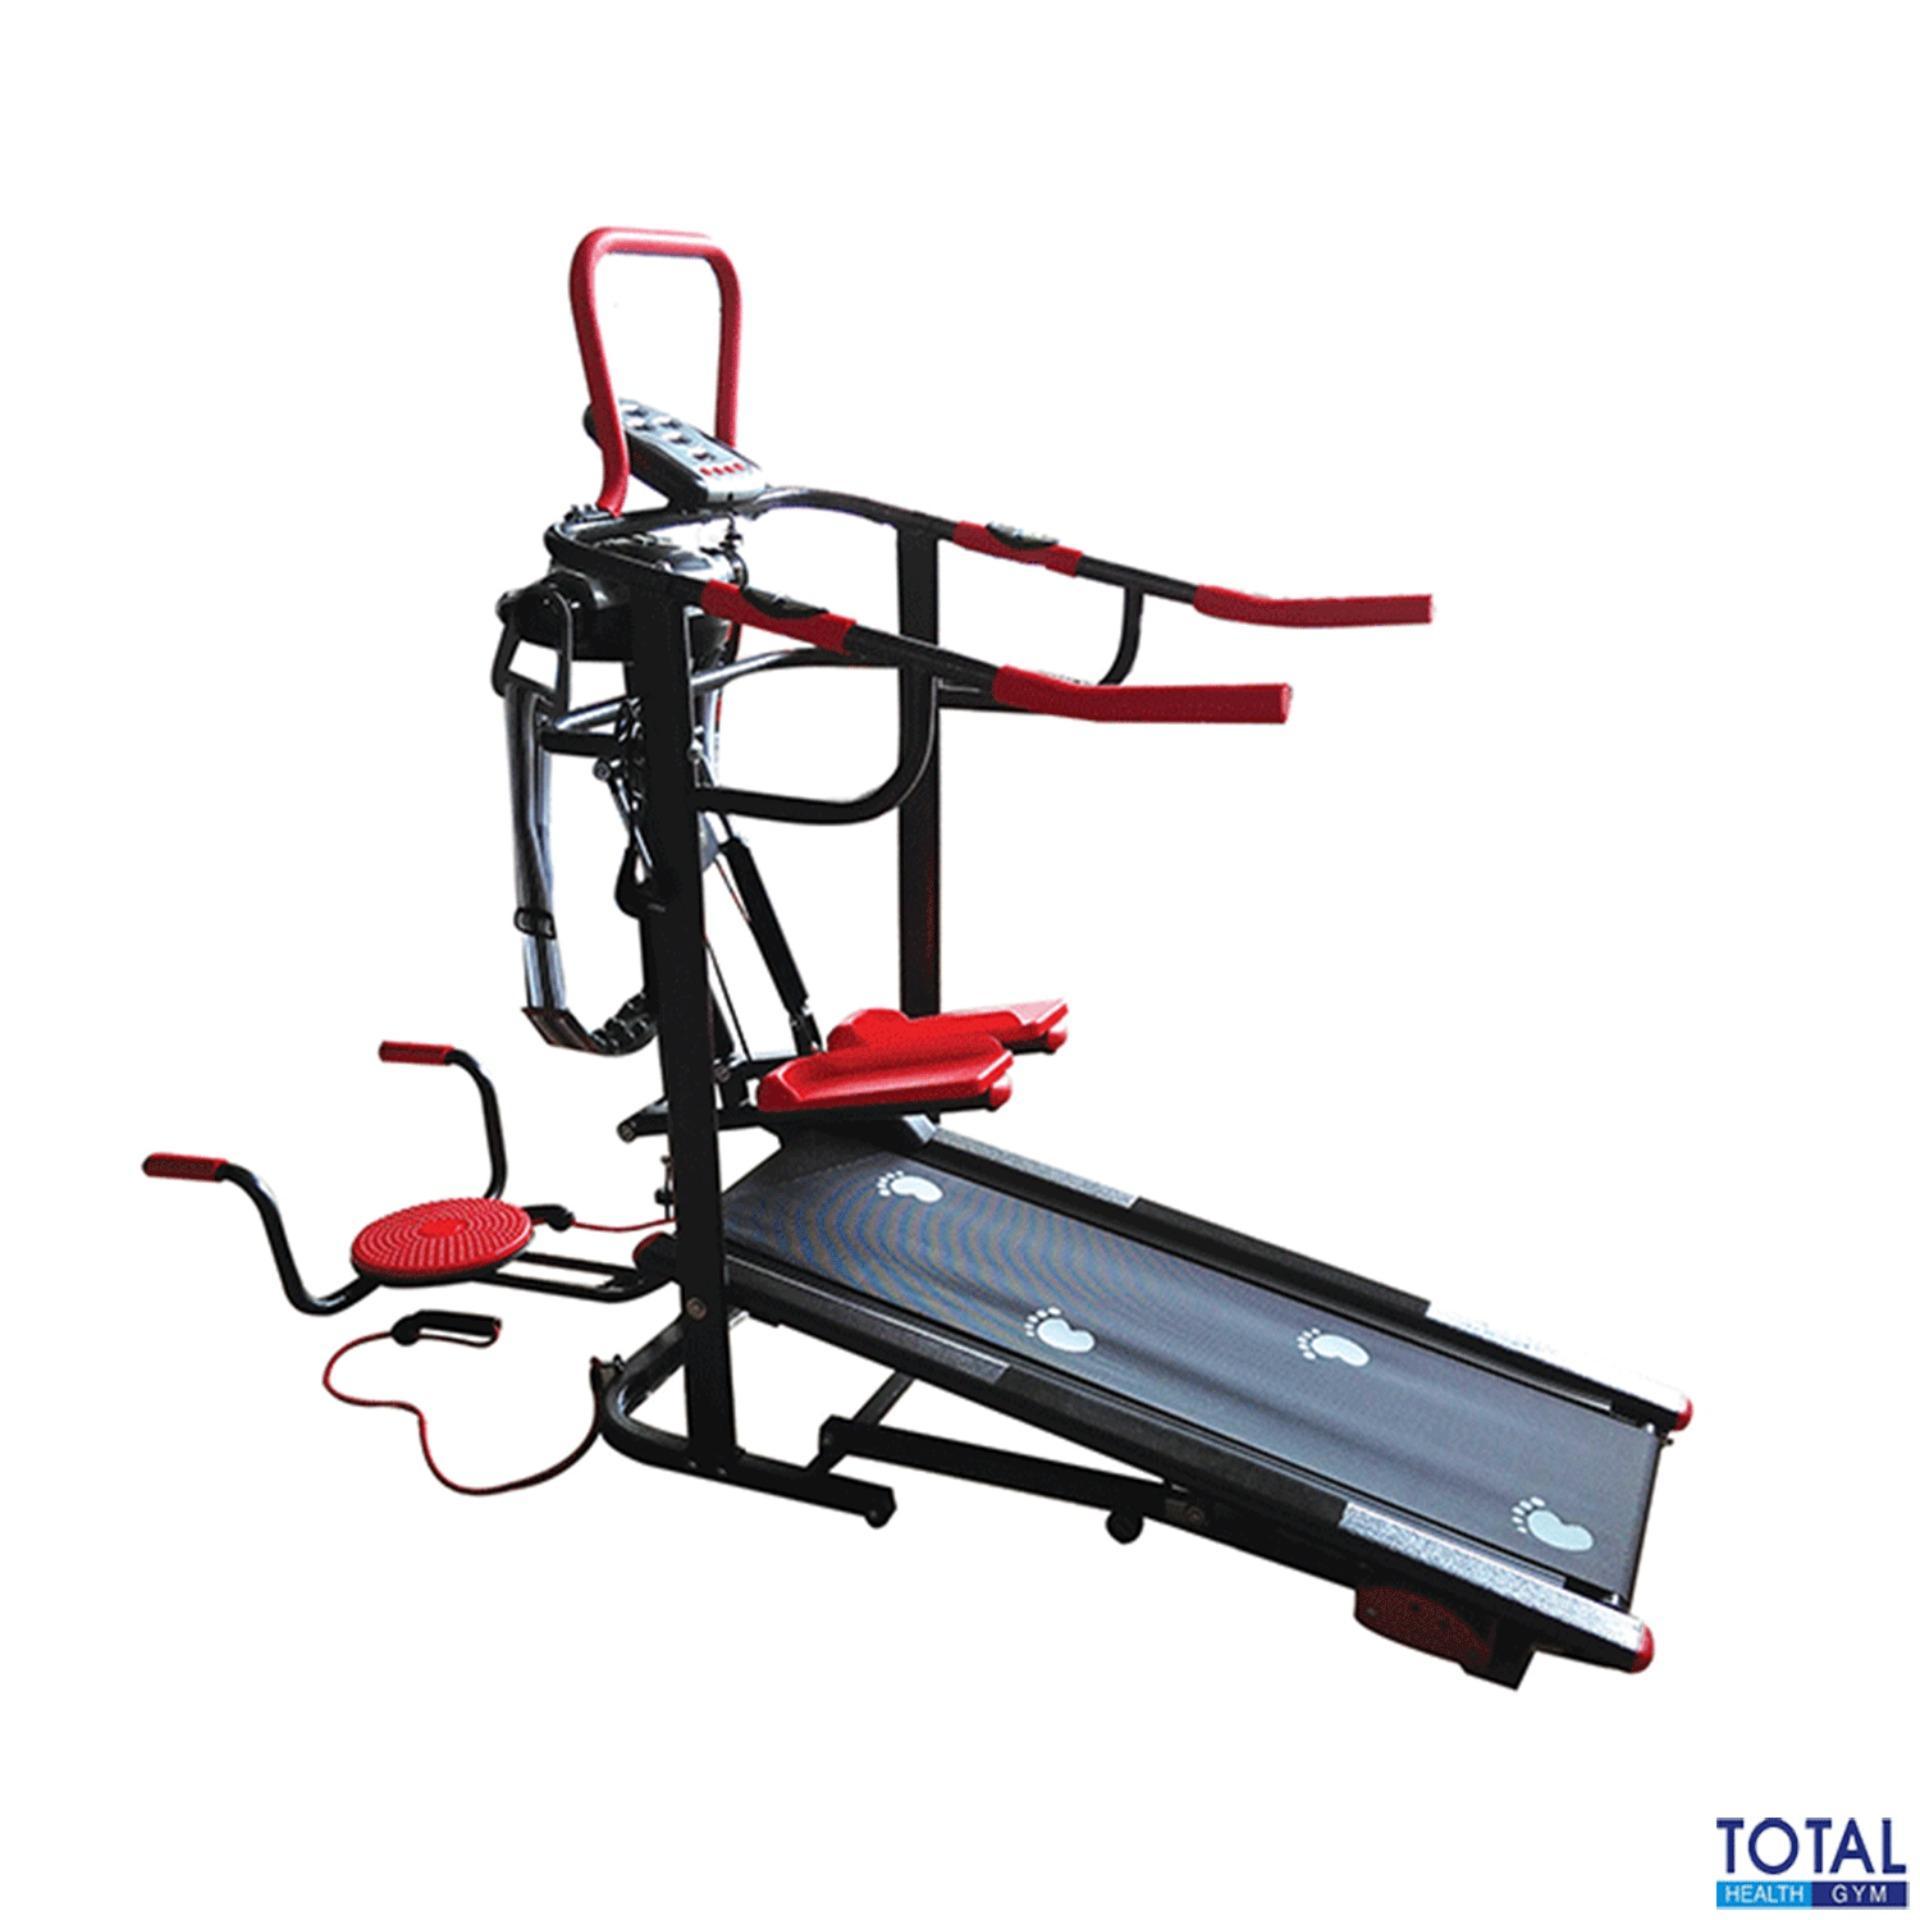 Harga Free Ongkir Jabodetabek Total Fitness Tl 004Ag Black Treadmill Manual Stepper Massager Termurah